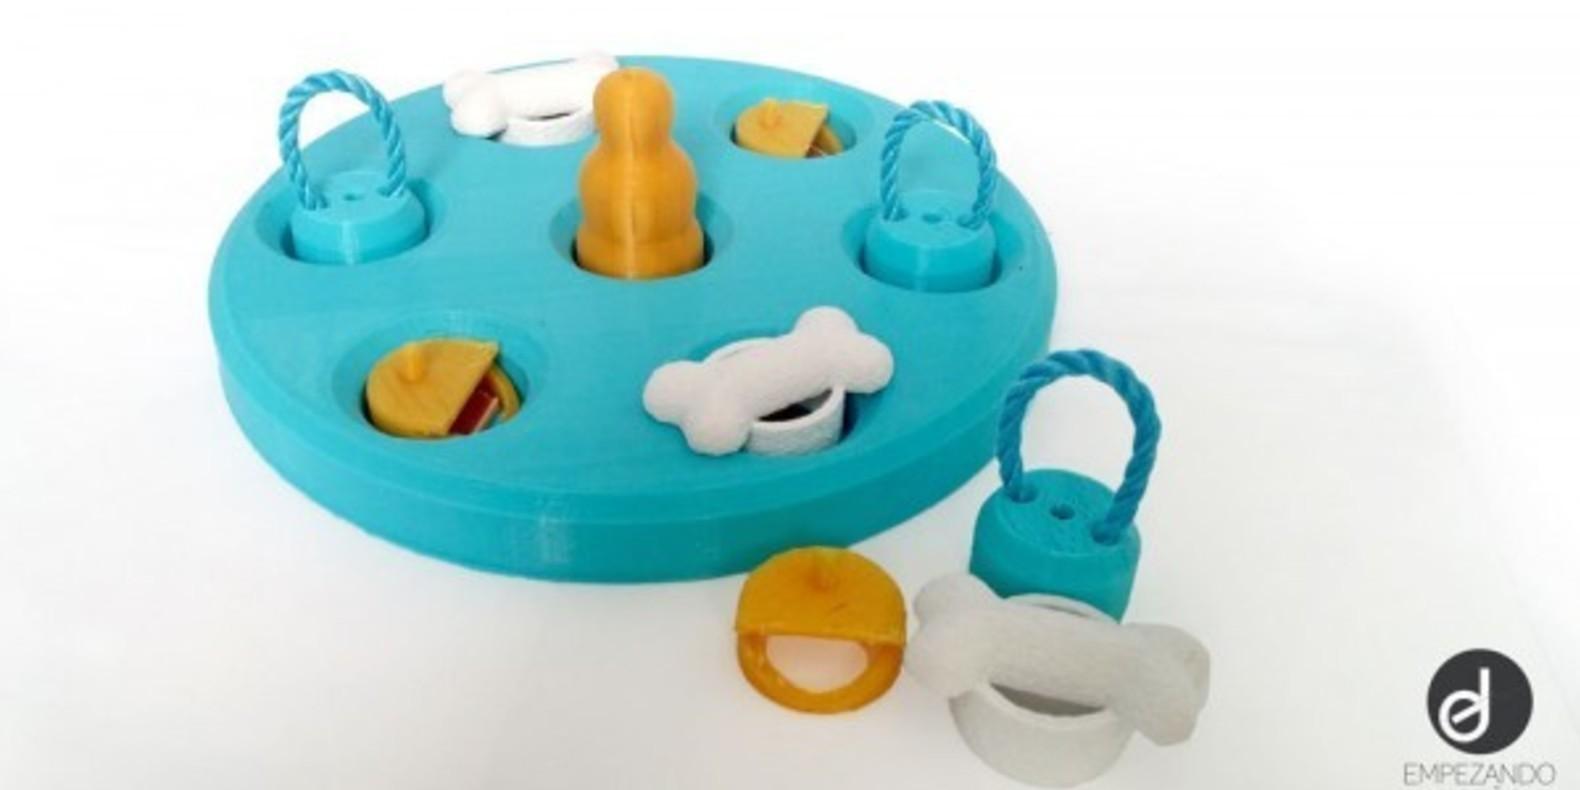 Dogs-game-Empezandodiseno-Cults-3Dprinting-3 jouet pour chiens imprimé en 3D